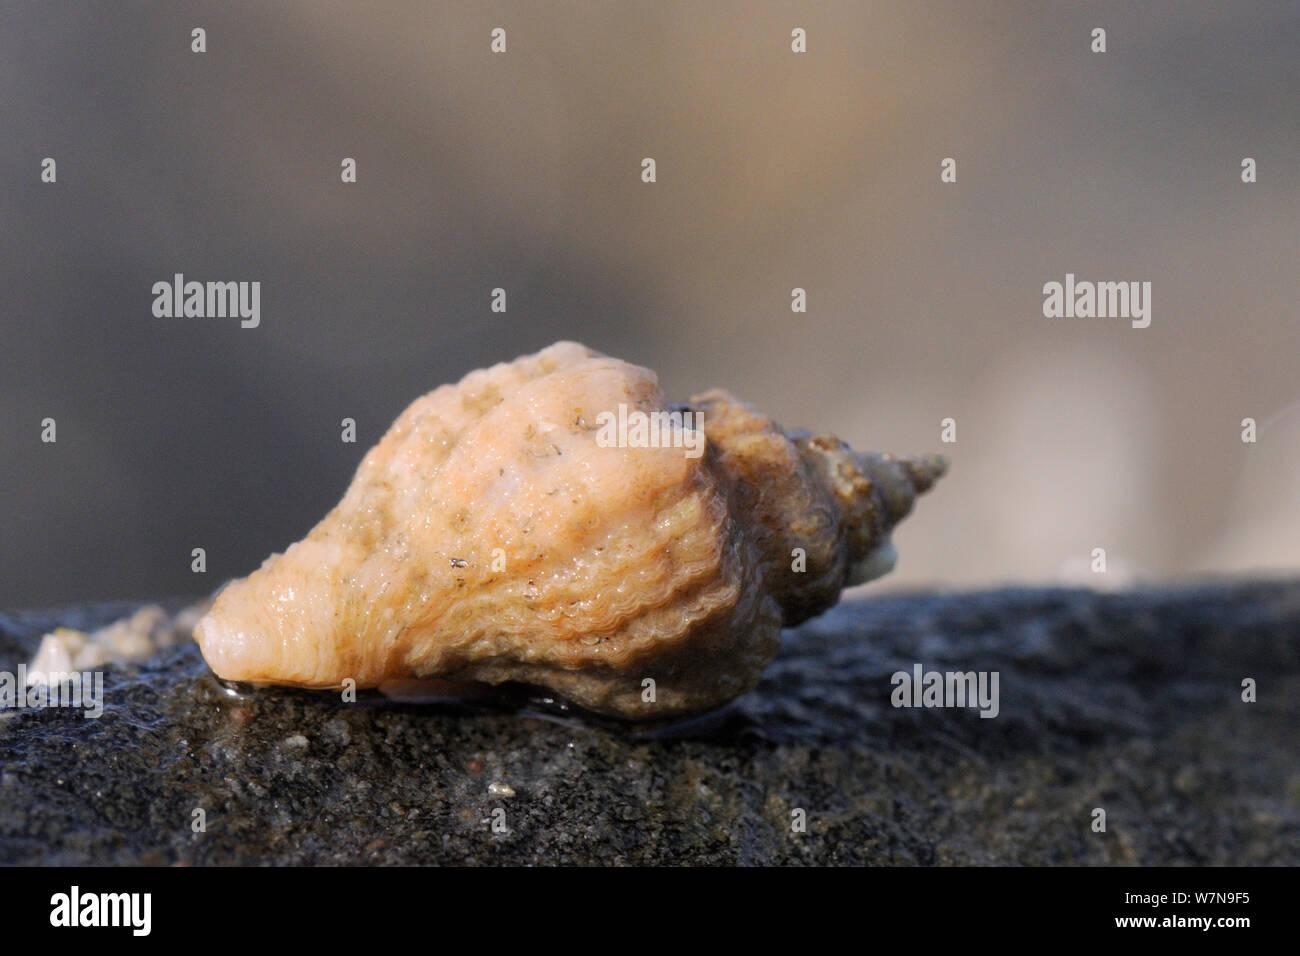 Ostra europea / taladro Sting winkle (Ocenebra erinacea) es una plaga de criaderos de ostras, se desplazan a lo largo de rocas muy baja en la costa, cerca de Falmouth, Cornwall, Reino Unido, Agosto. Foto de stock